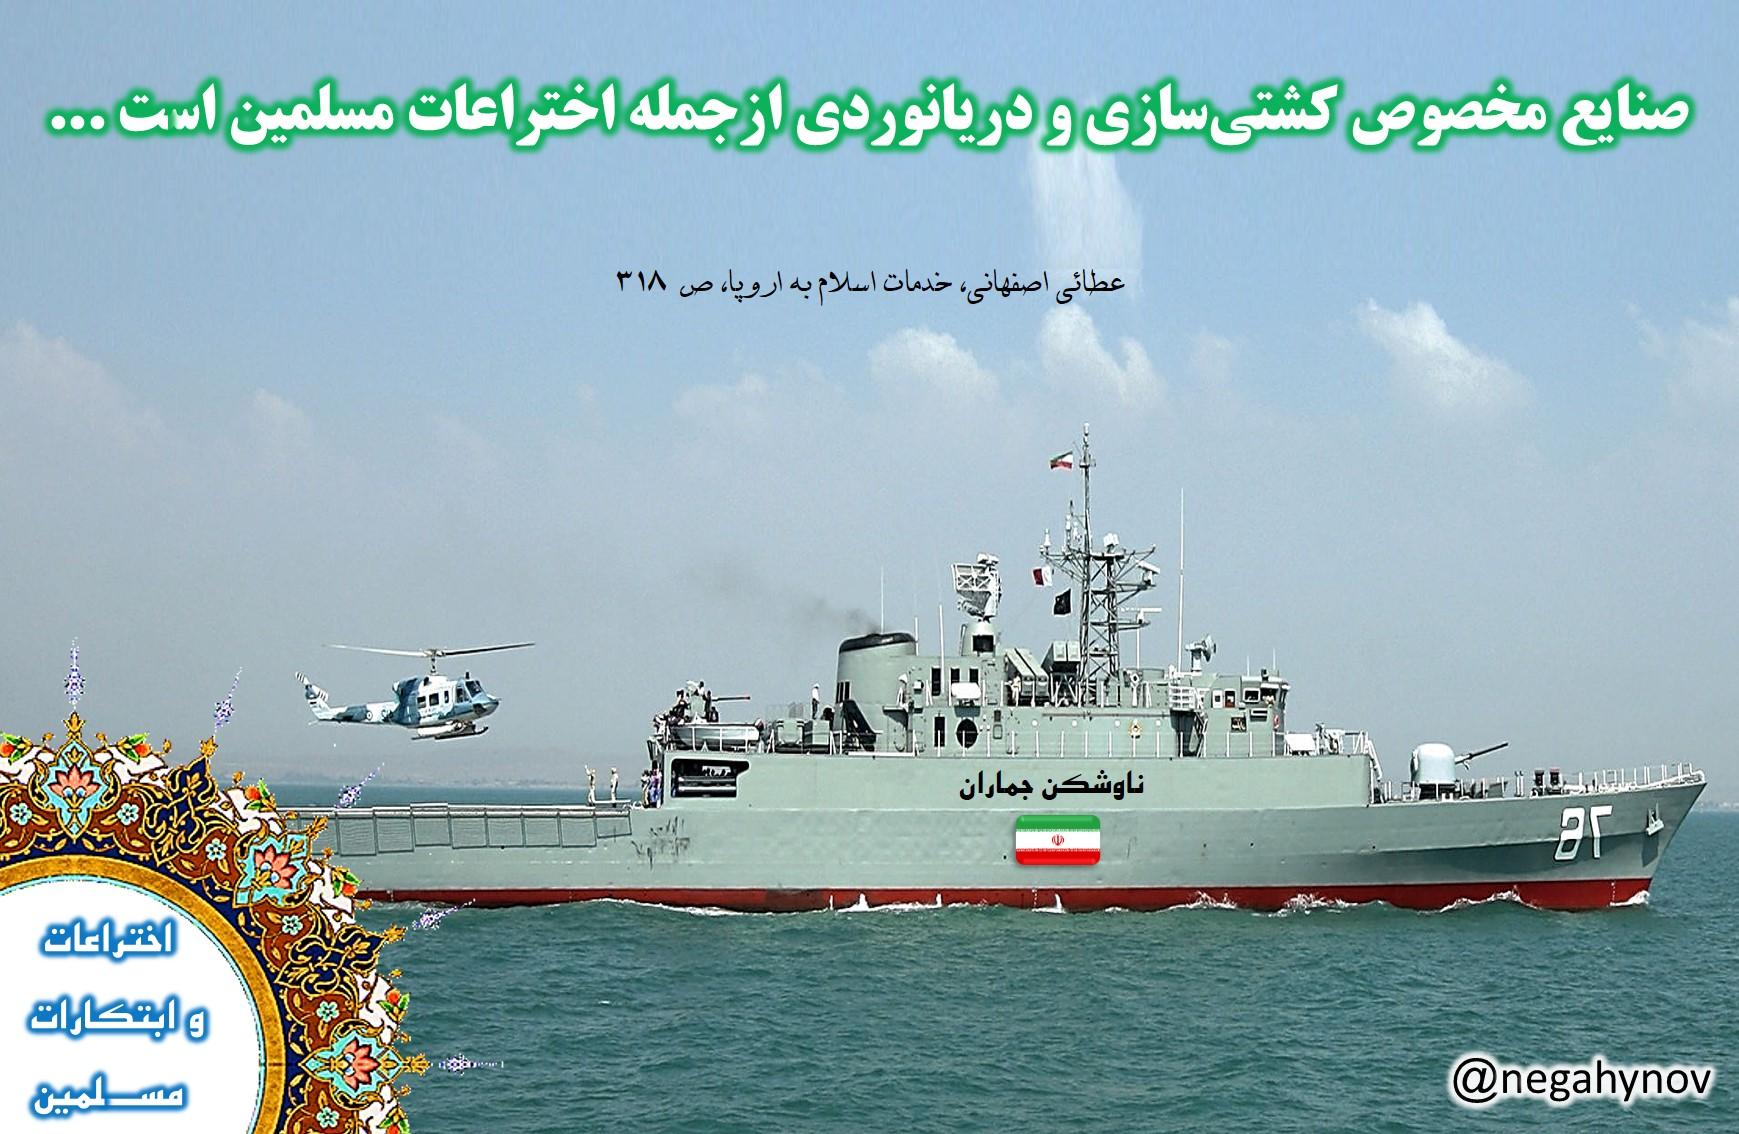 ابتکارات مسلمانان - کشتی سازی و دریانوردی - نگاهی نو